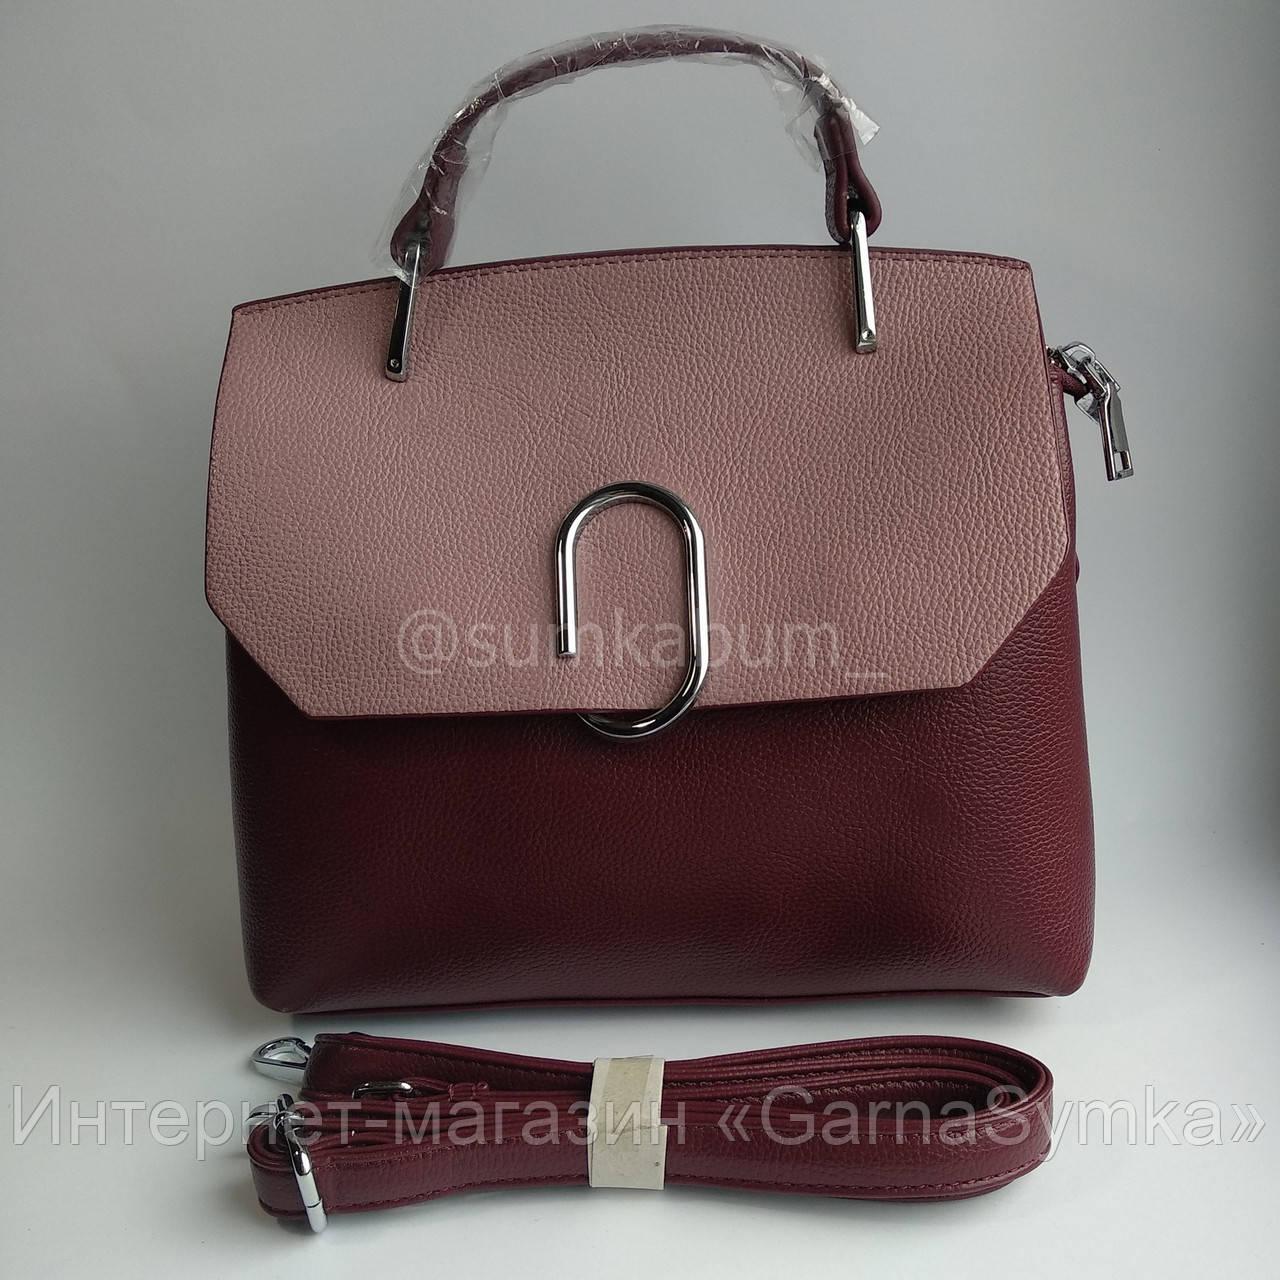 Интересная сумка из натуральной высококачественной кожи